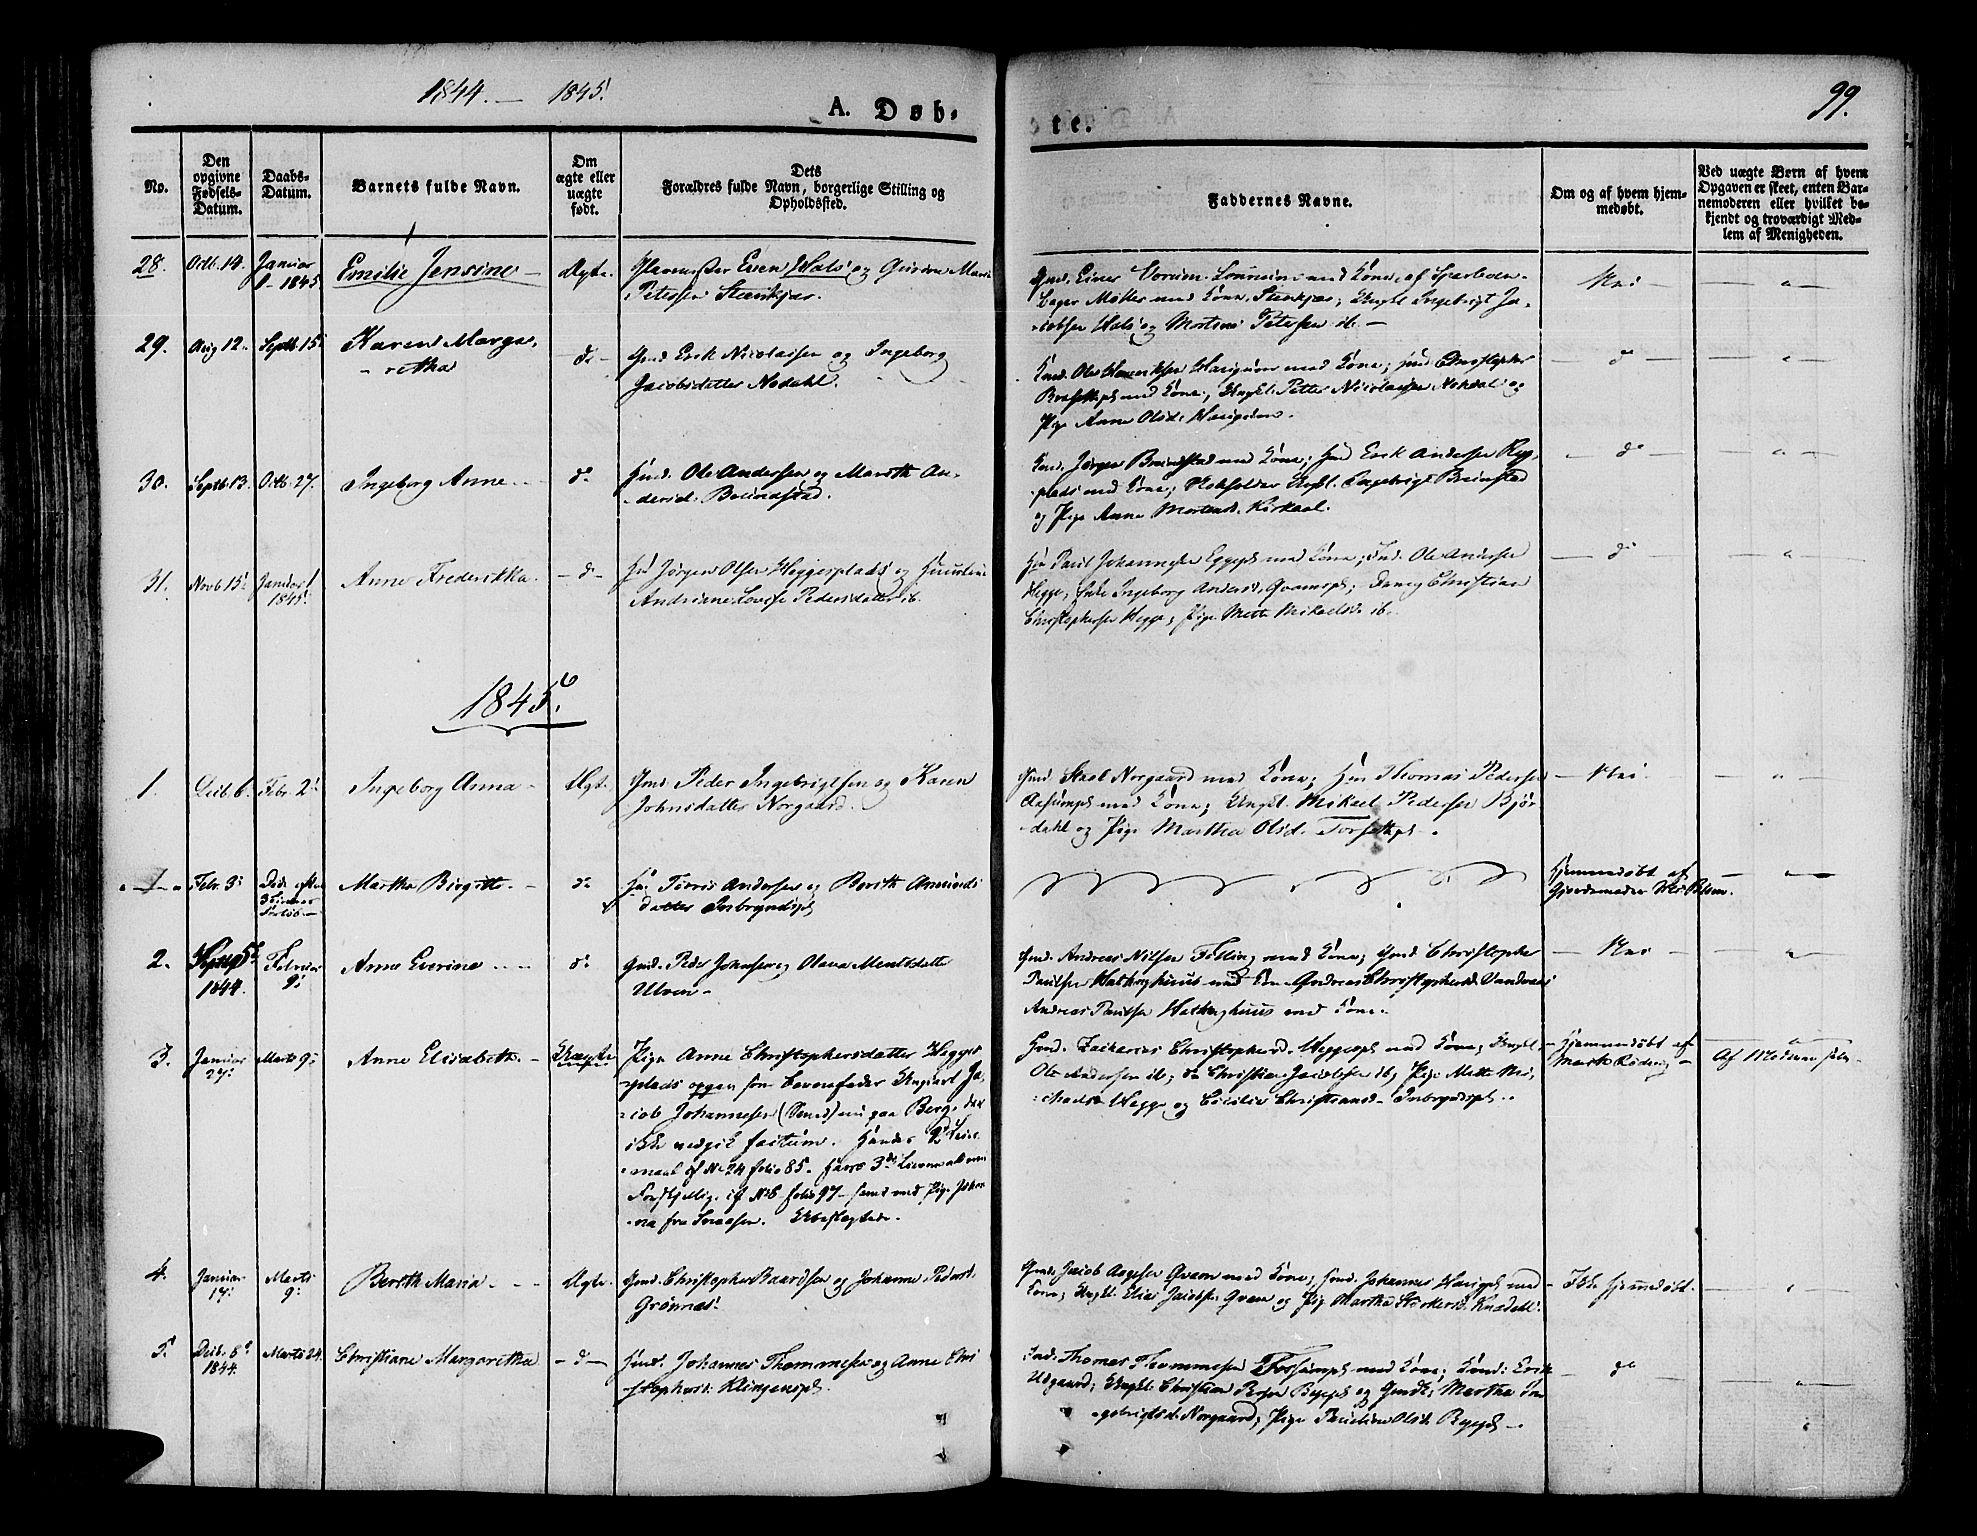 SAT, Ministerialprotokoller, klokkerbøker og fødselsregistre - Nord-Trøndelag, 746/L0445: Ministerialbok nr. 746A04, 1826-1846, s. 99